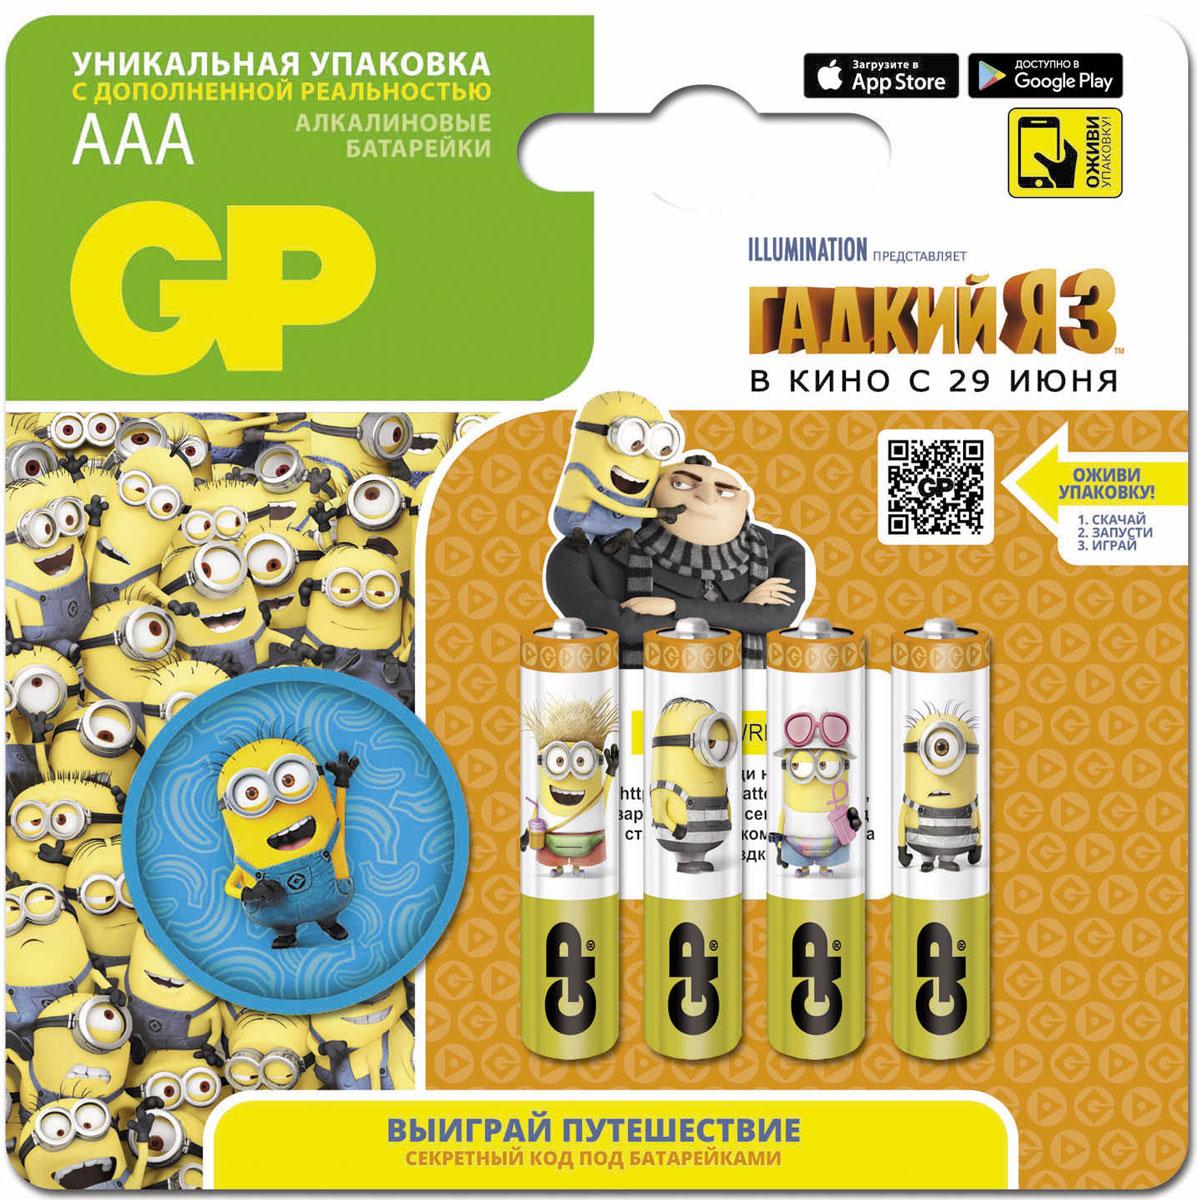 Набор алкалиновых батареек GP Batteries, тип ААА, 4 шт + Фишка Миньоны11499Промоупаковка батареек Гадкий Я 3 + фишка виртуальной реальности. Батарейки GP Super Alkaline прекрасно подходят для увеличивающейся потребности в источниках питания для устройств повседневного использования. Идеальное соотношение цена/качество. Надежный продукт широкого спектра применения, подходящий для потребителей всех возрастов. - Увеличенная продолжительность работы- Огромный ассортимент типоразмеров- Длительный срок хранения (до 7 лет)